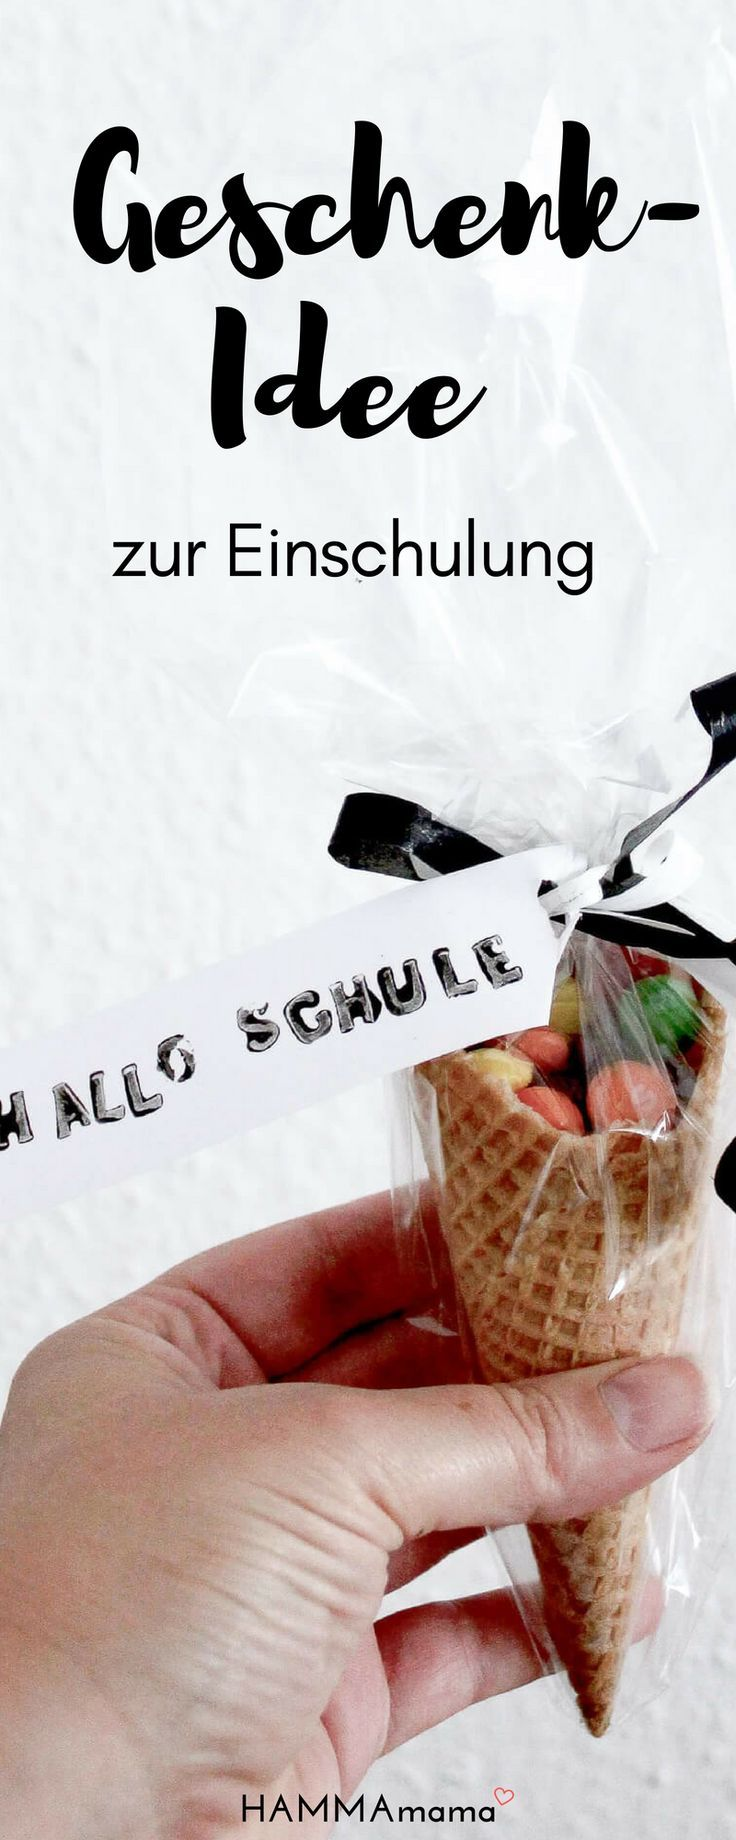 DIY-Idee ° Geschenk zur Einschulung basteln und schön verpacken